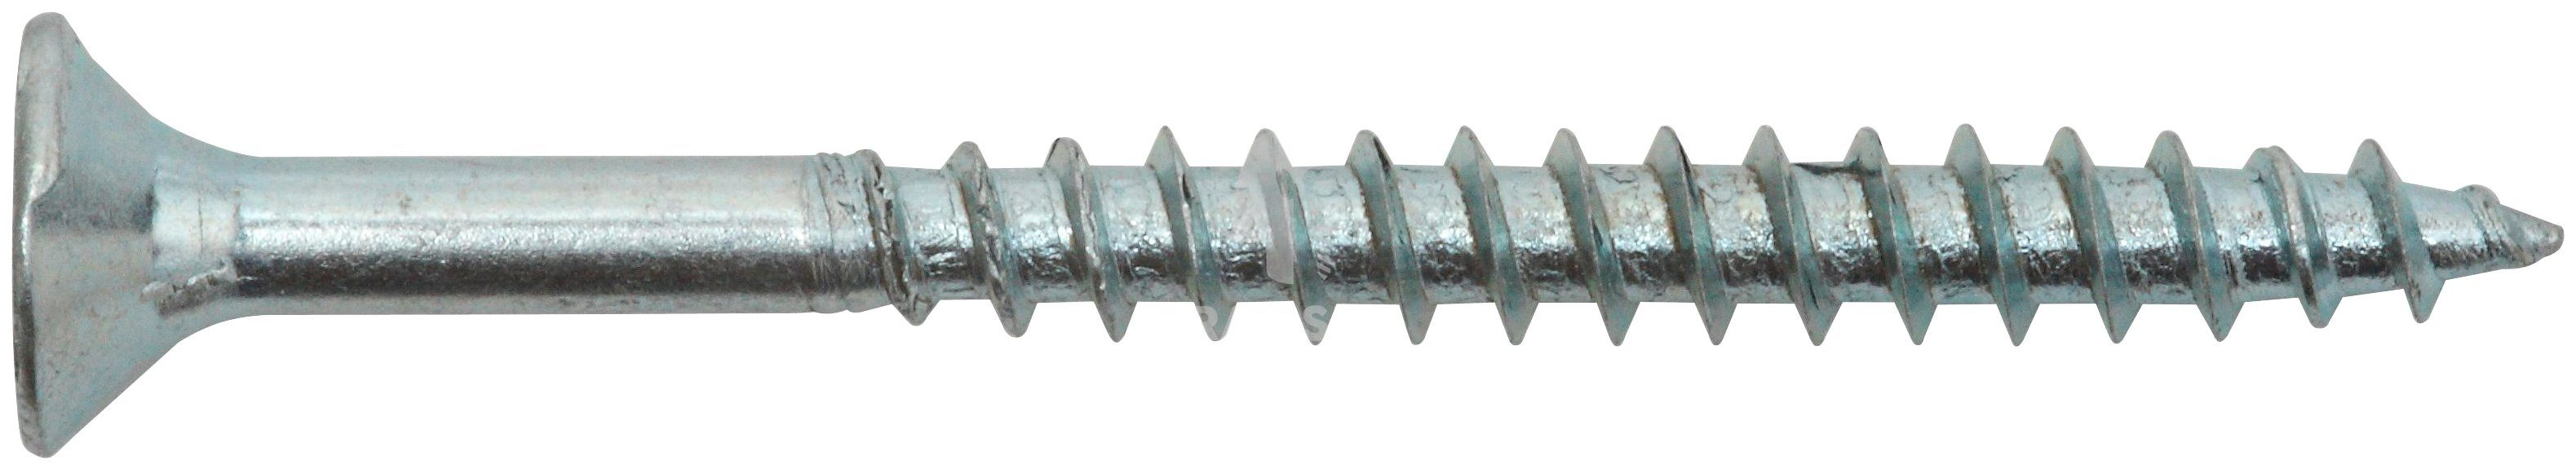 RAMSES Schrauben , Spanplattenschraube 4 x 50 mm PZ2 200 Stk.